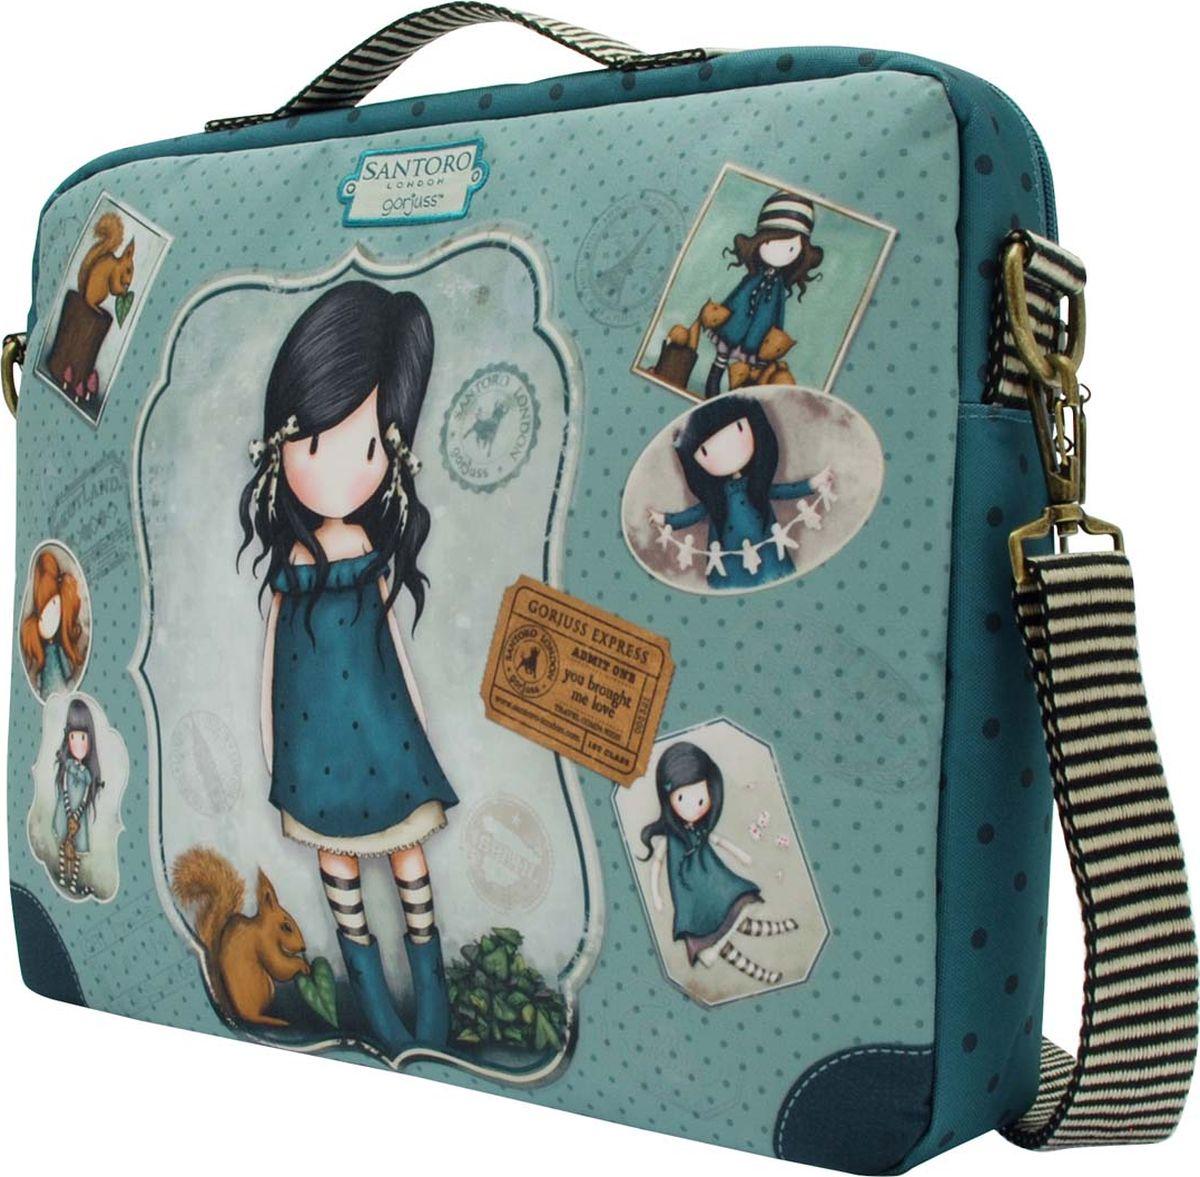 Сохраните свой ноутбук в целости и сохранности вместе с портфелем Gorjuss!Невероятно стильная сумка - аксессуар для настоящей леди!Материал: Наружный: Полиэстер 100%, Подкладка: Полиэфир 100%.